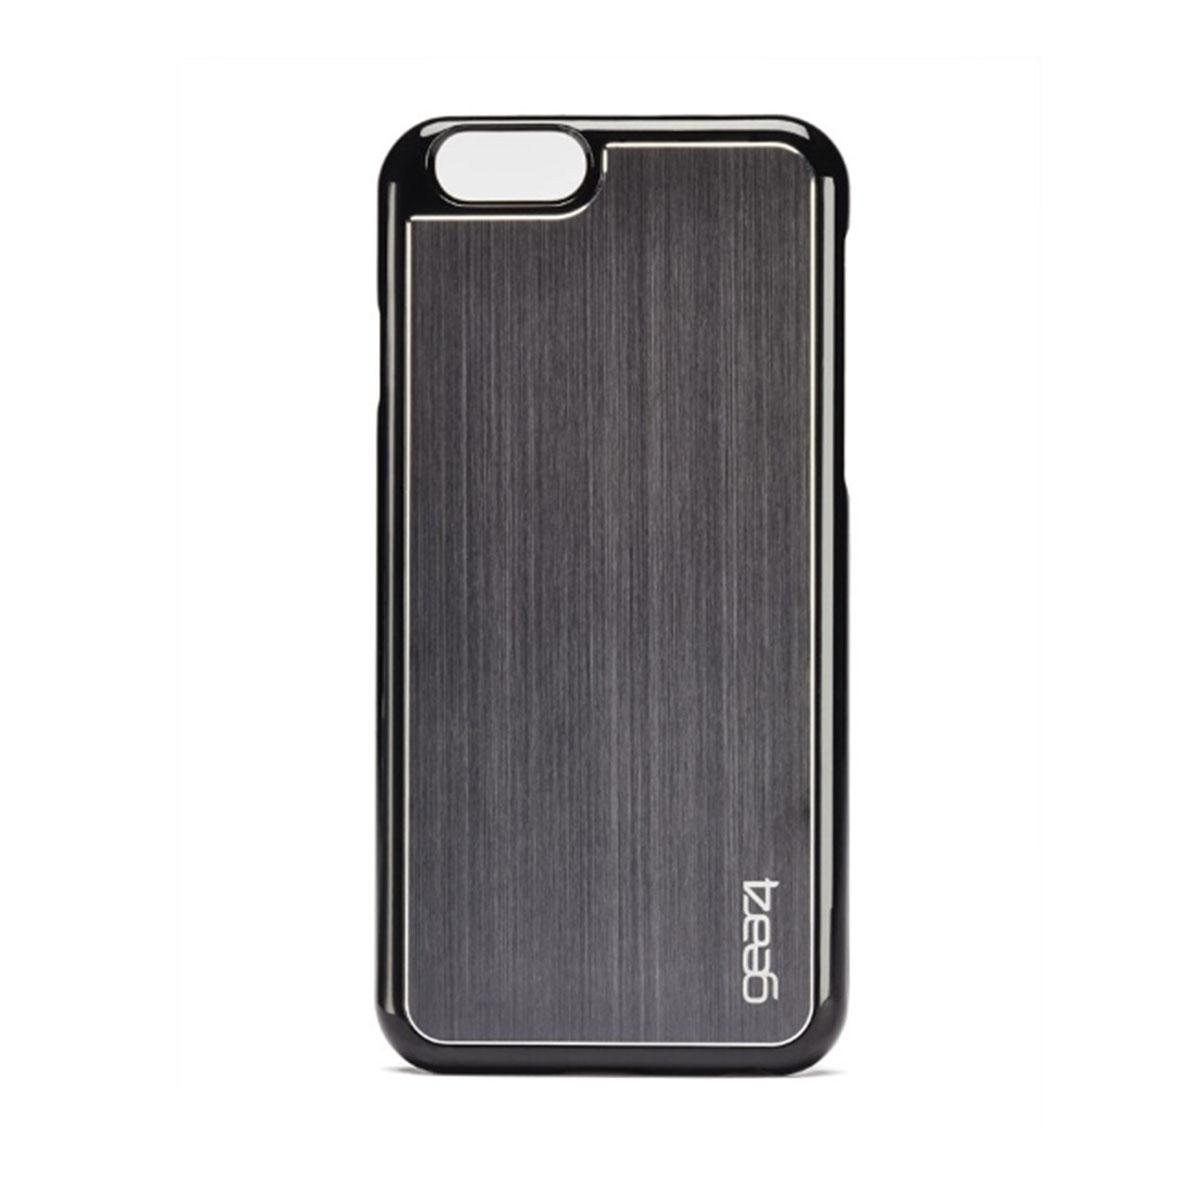 fone case iphone 6